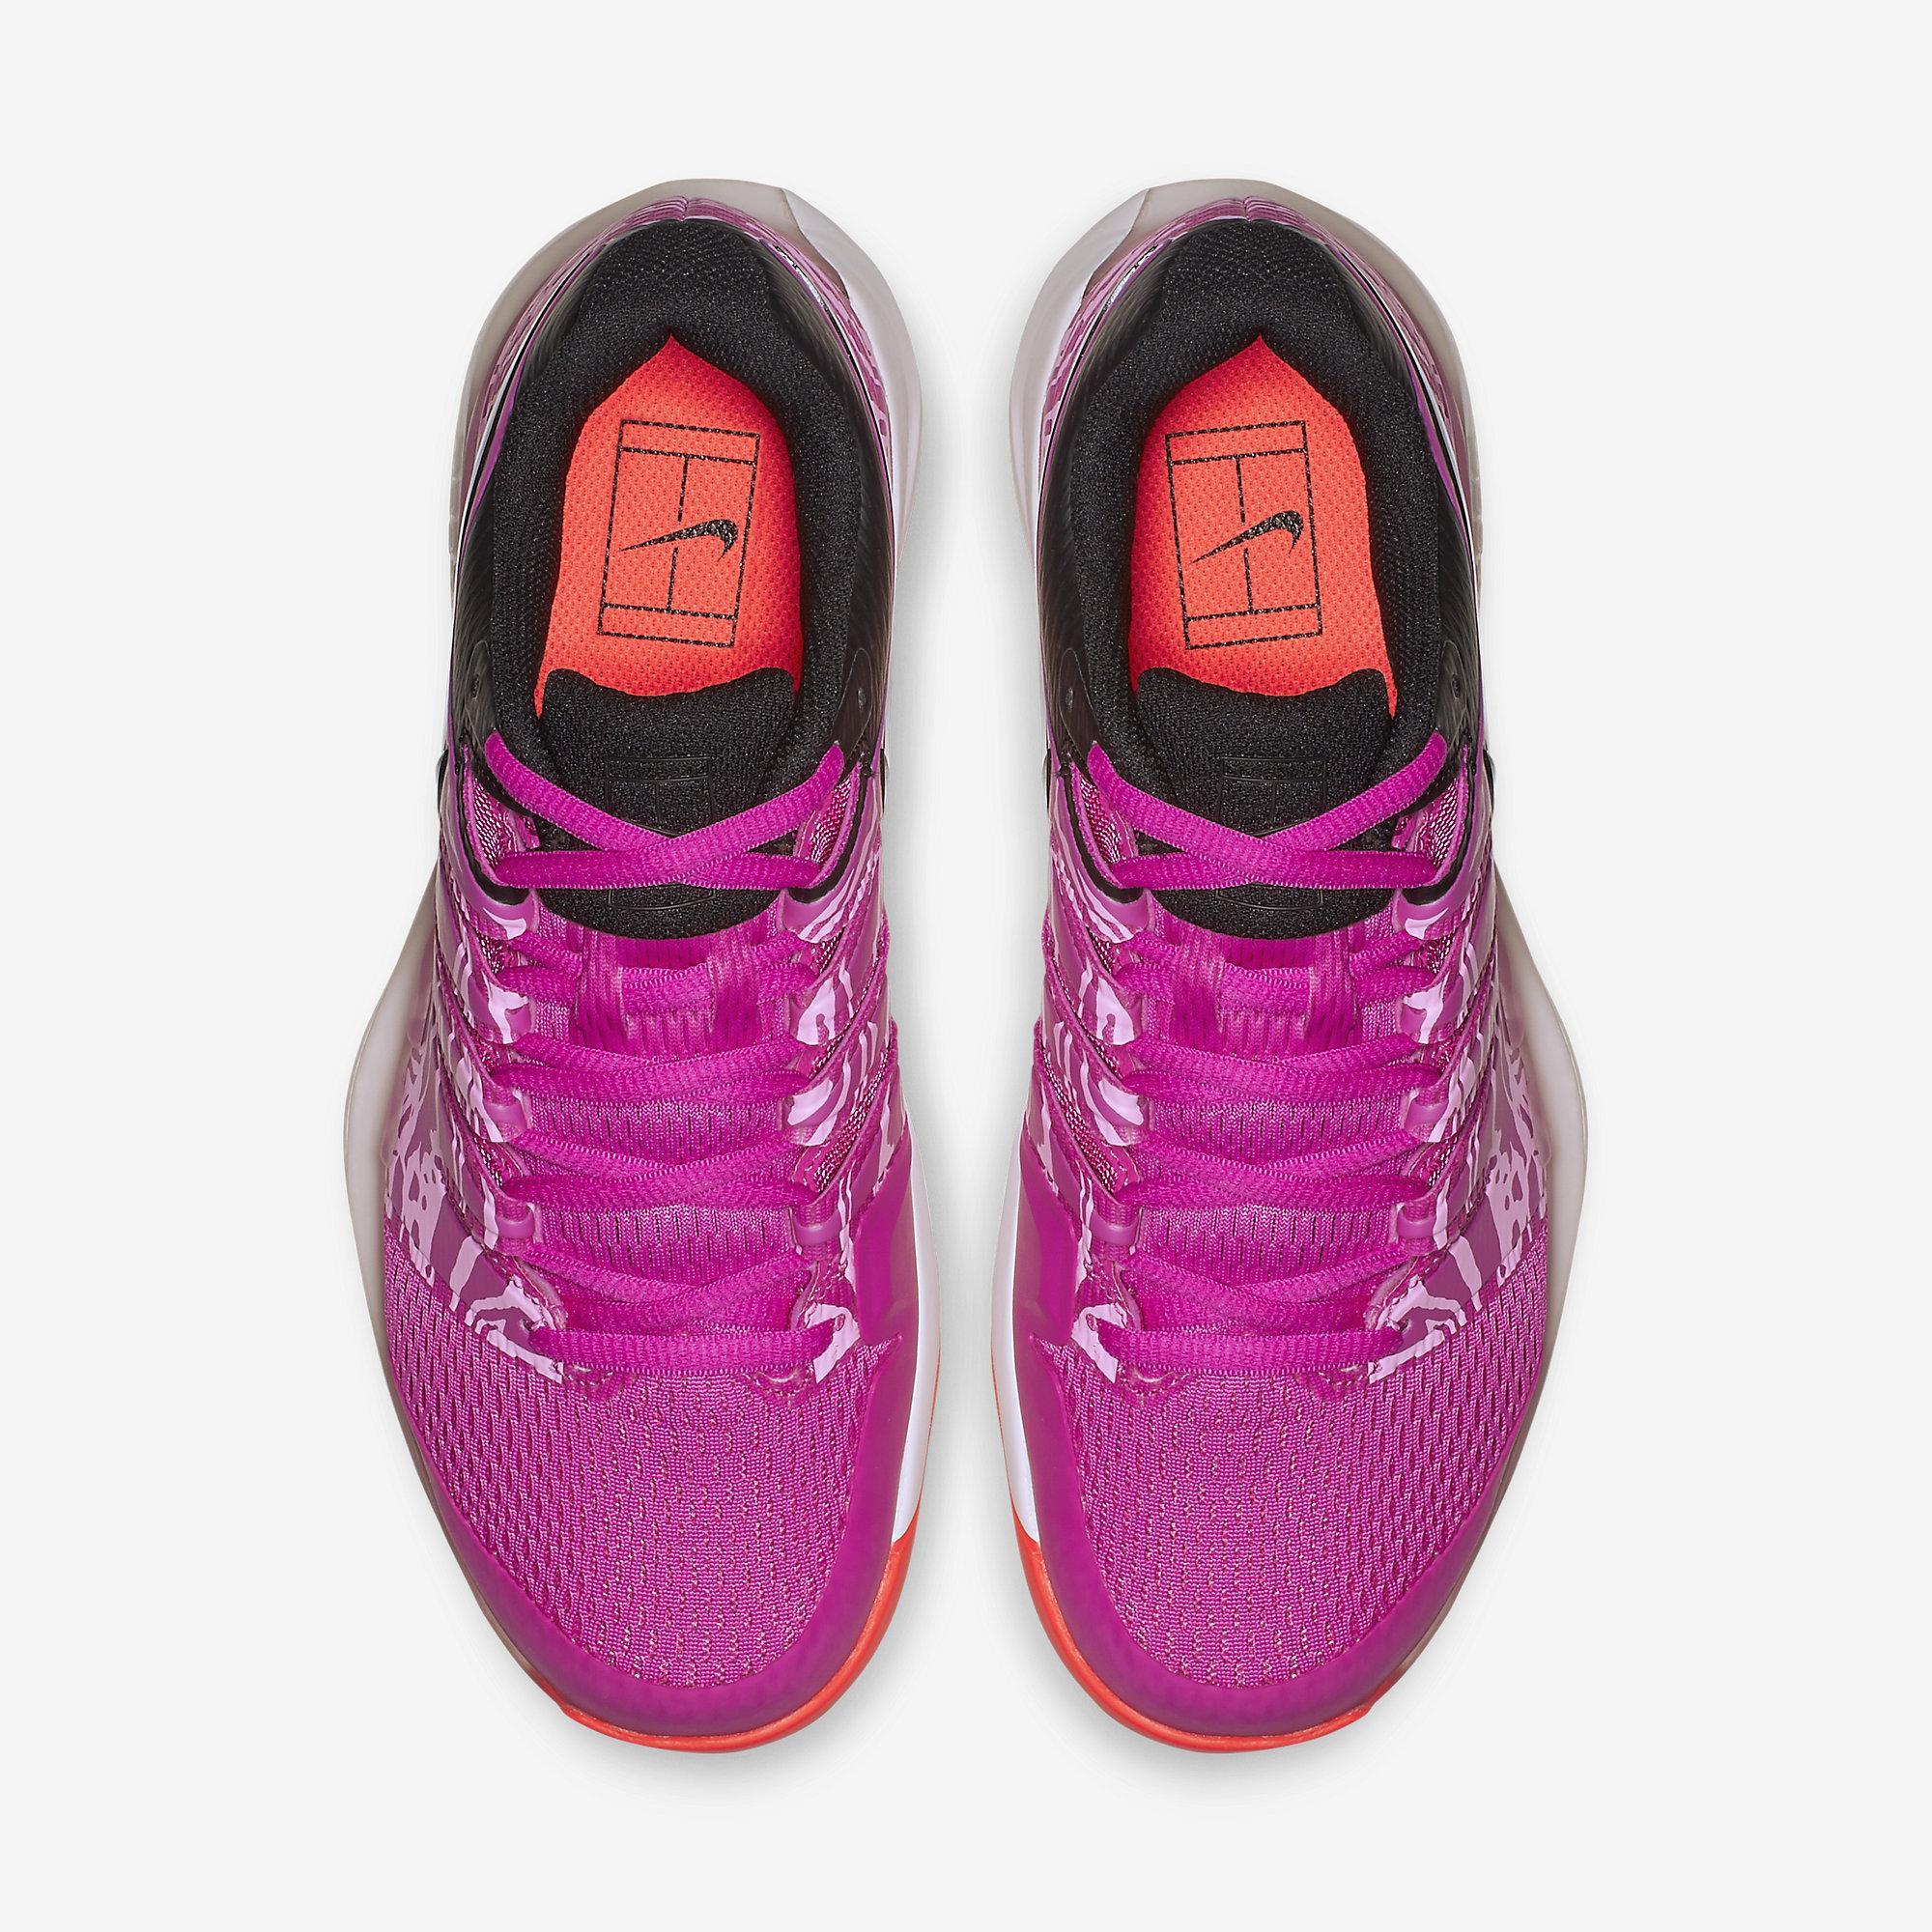 Nike Womens Air Zoom Vapor X Tennis Shoes Laser Fuchsia